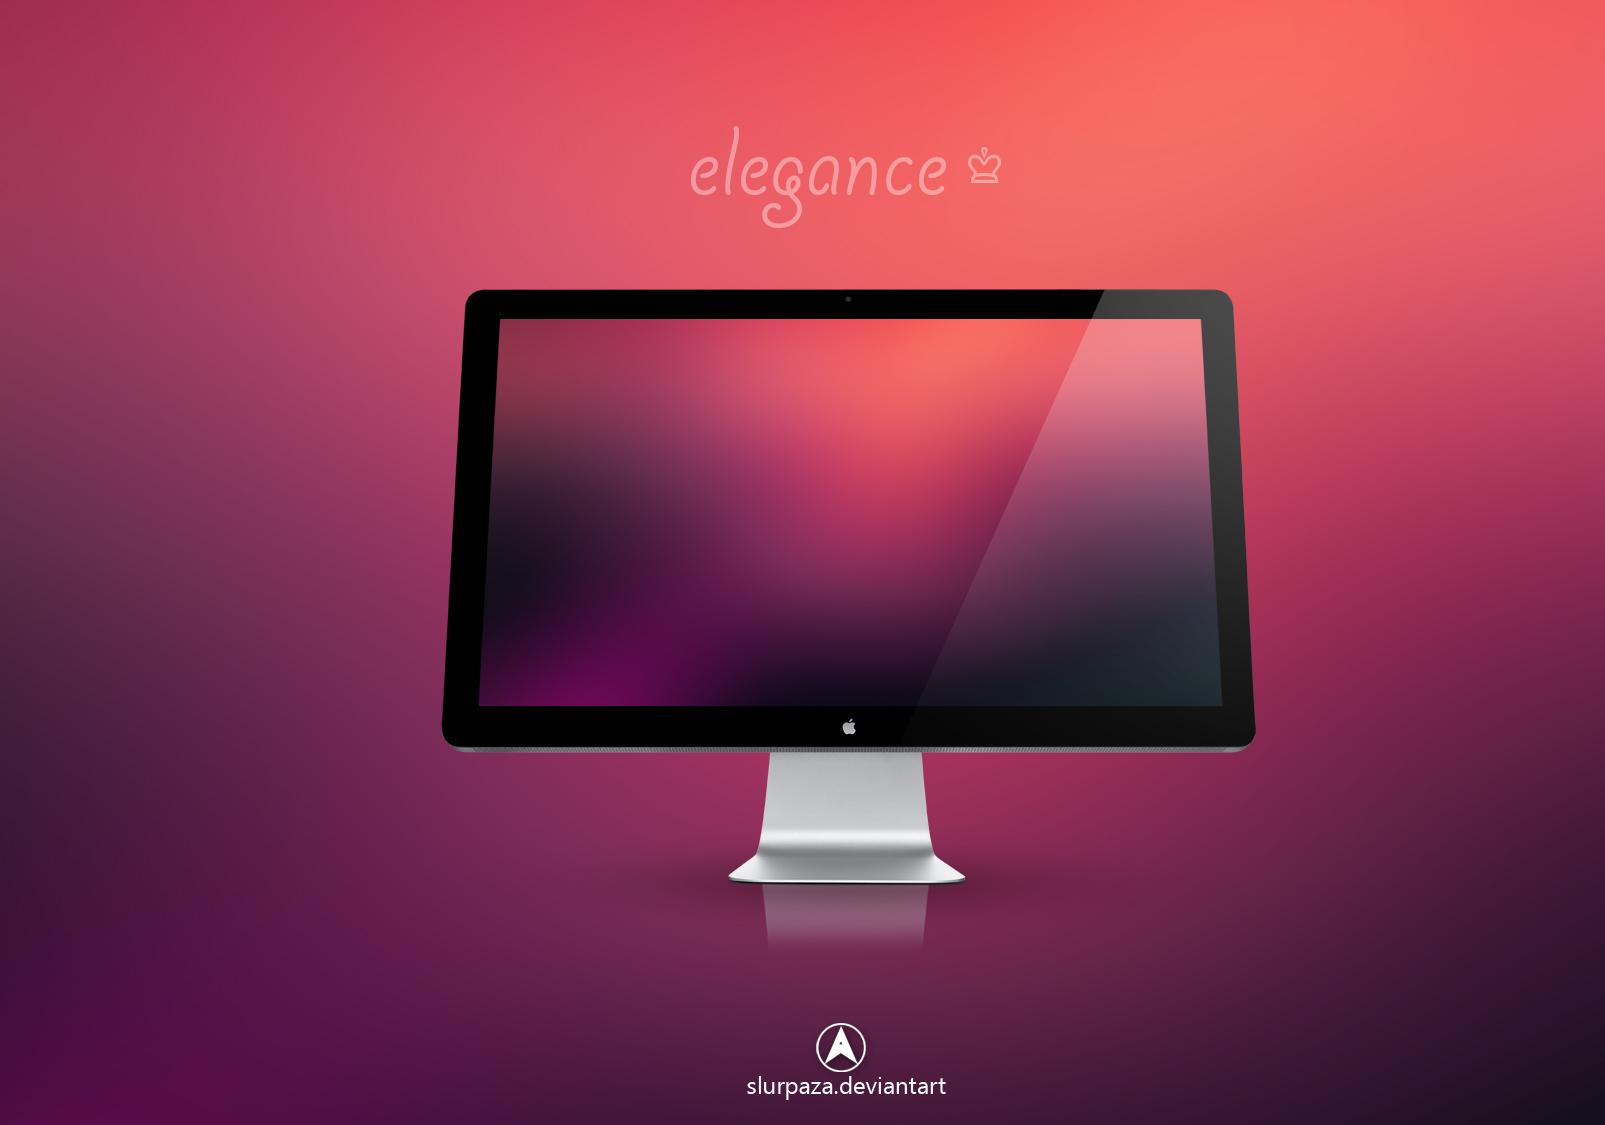 Elegance by Slurpaza